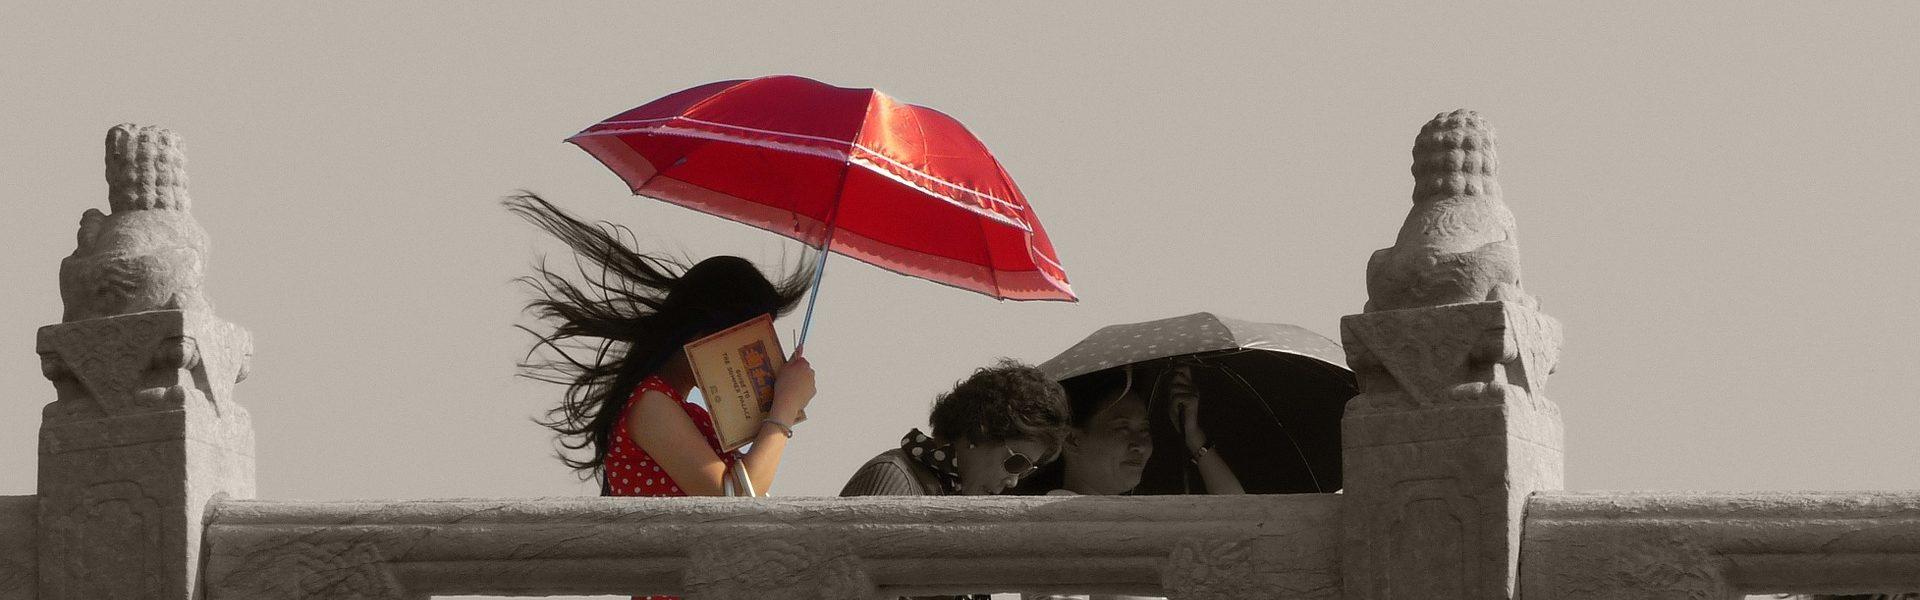 umbrella-952627_1920